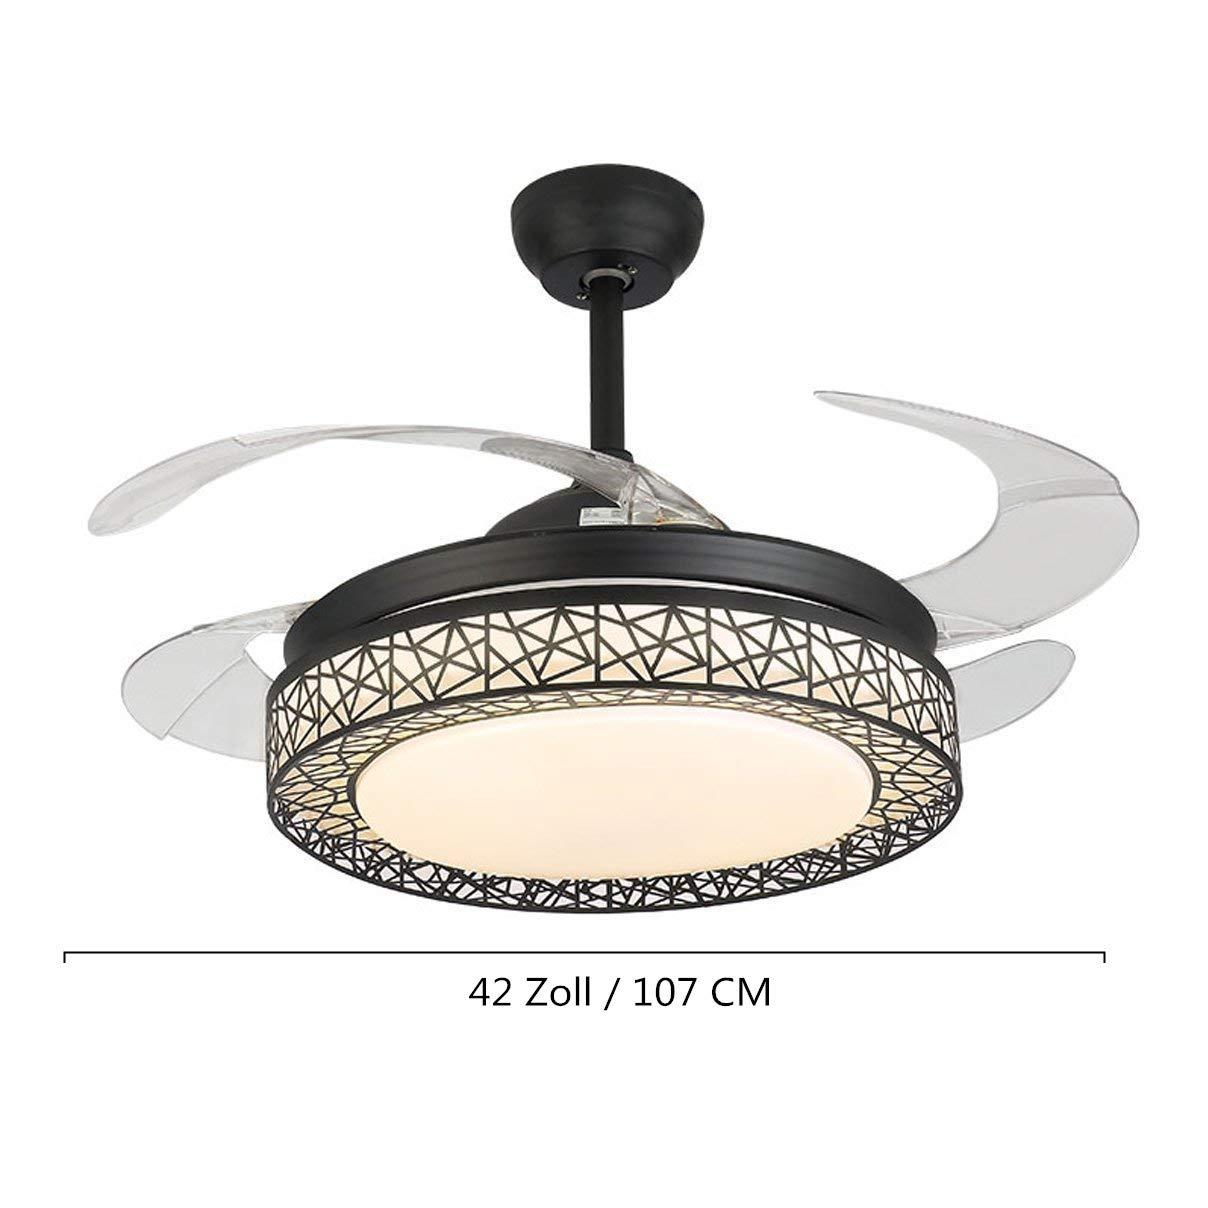 Charmant Kaluori 42 Zoll Deckenventilatoren 4 Einziehbare Lamellen LED  Deckenventilator Drei Farbwechsel Kristall Kronleuchter Mit Fernbedienung  (Black): Amazon.de: ...